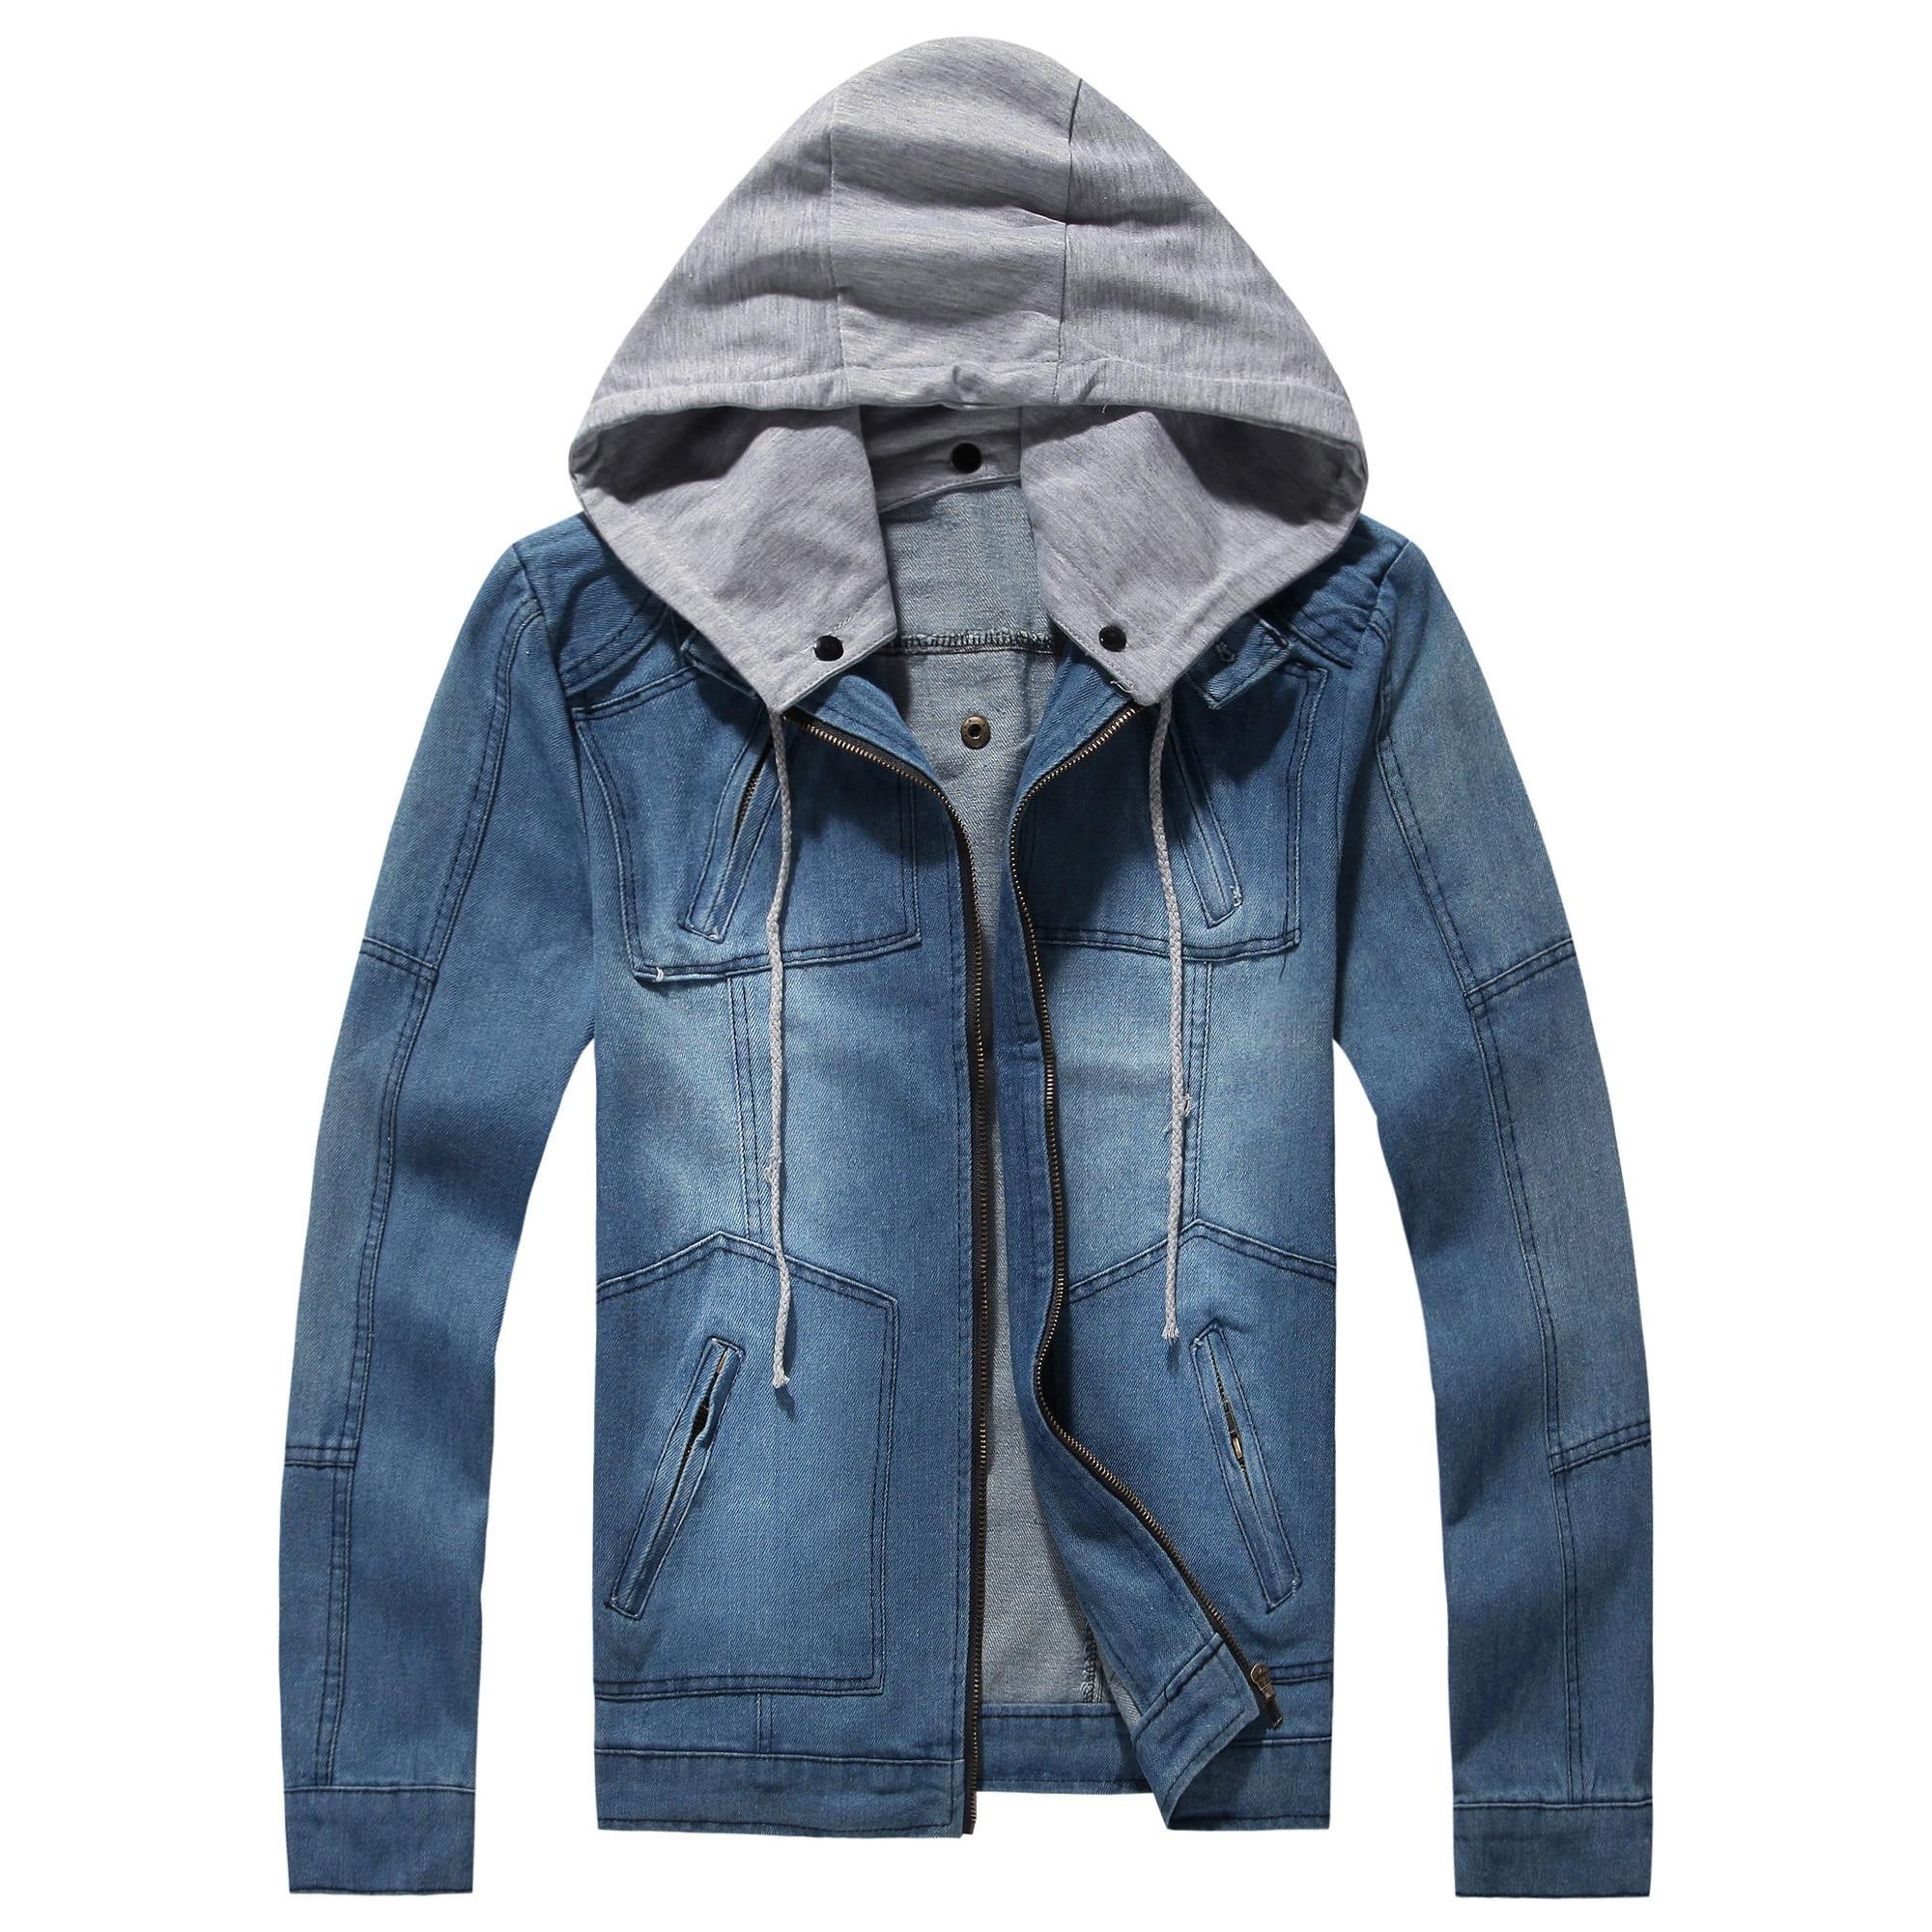 Men Autumn Hooded Denim jackets Casual Jean Coats Hat Detachable Denim Coats Large Size Men Blue Denim Jackets Size 5XL